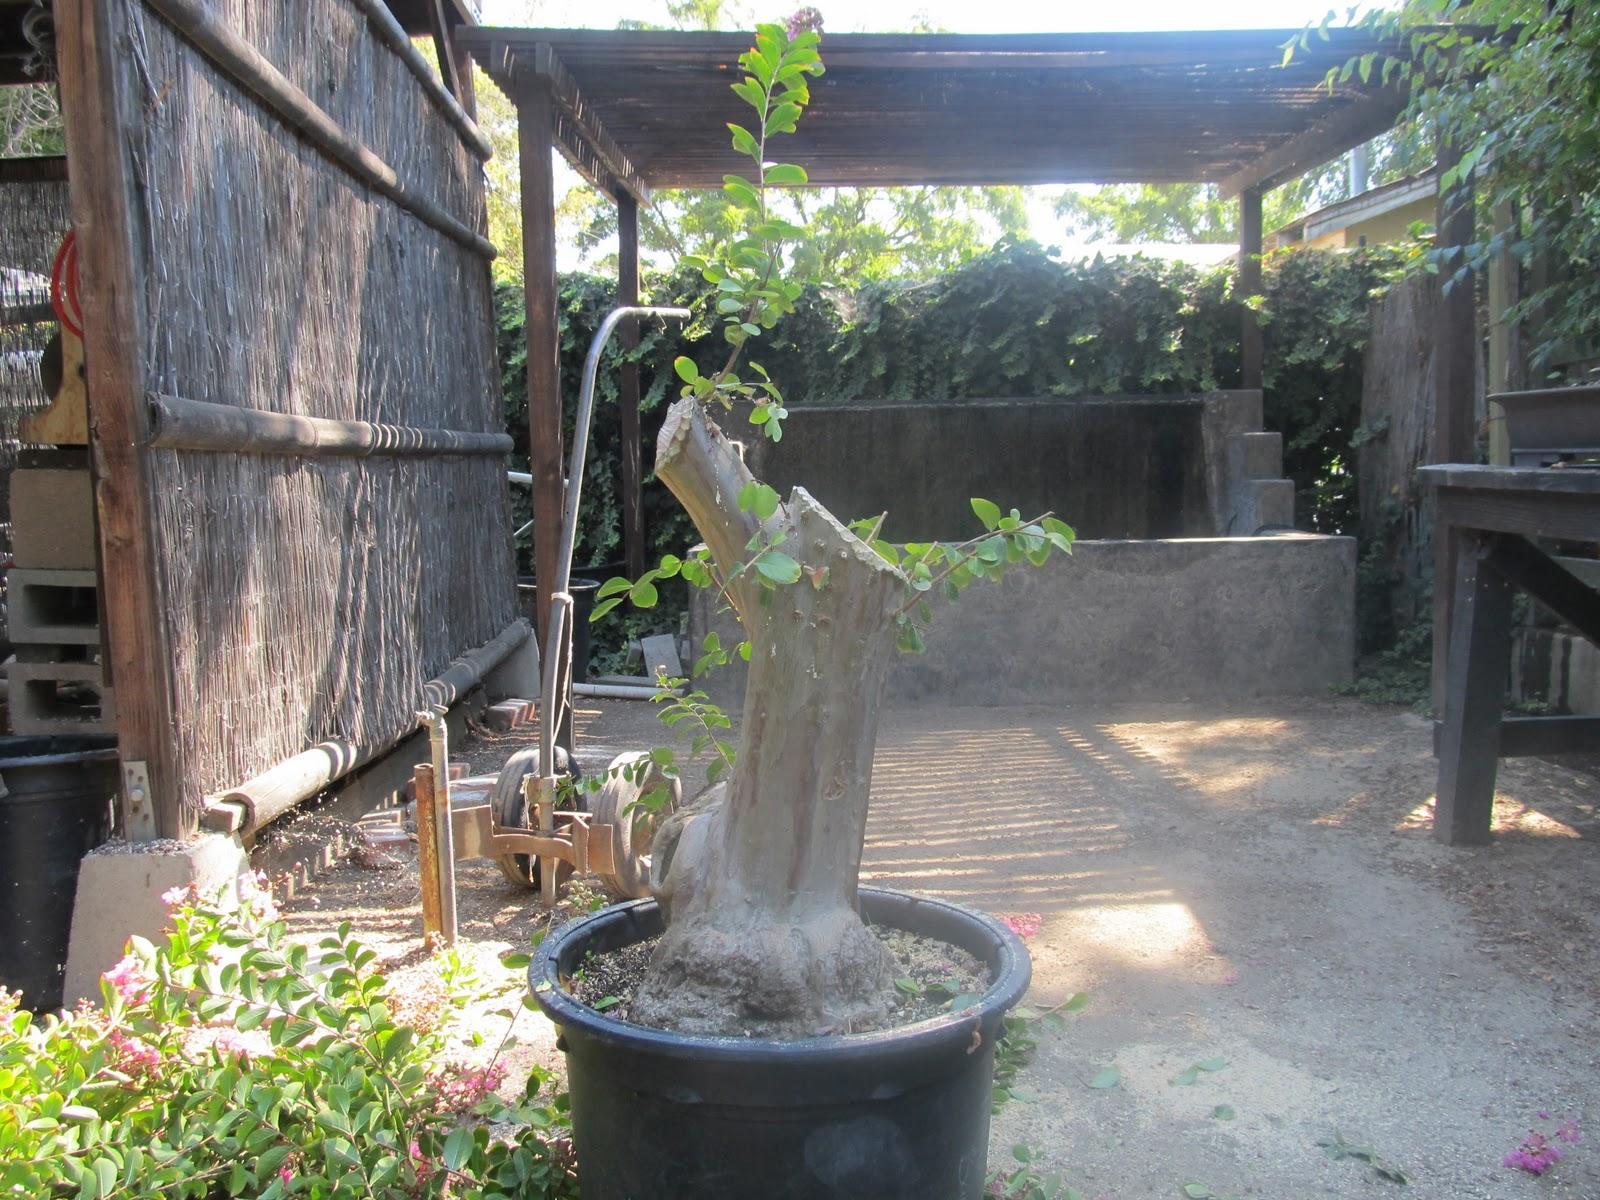 Bonsaibp39s Bonsai Blog Sculpting A Large Crepe Myrtle